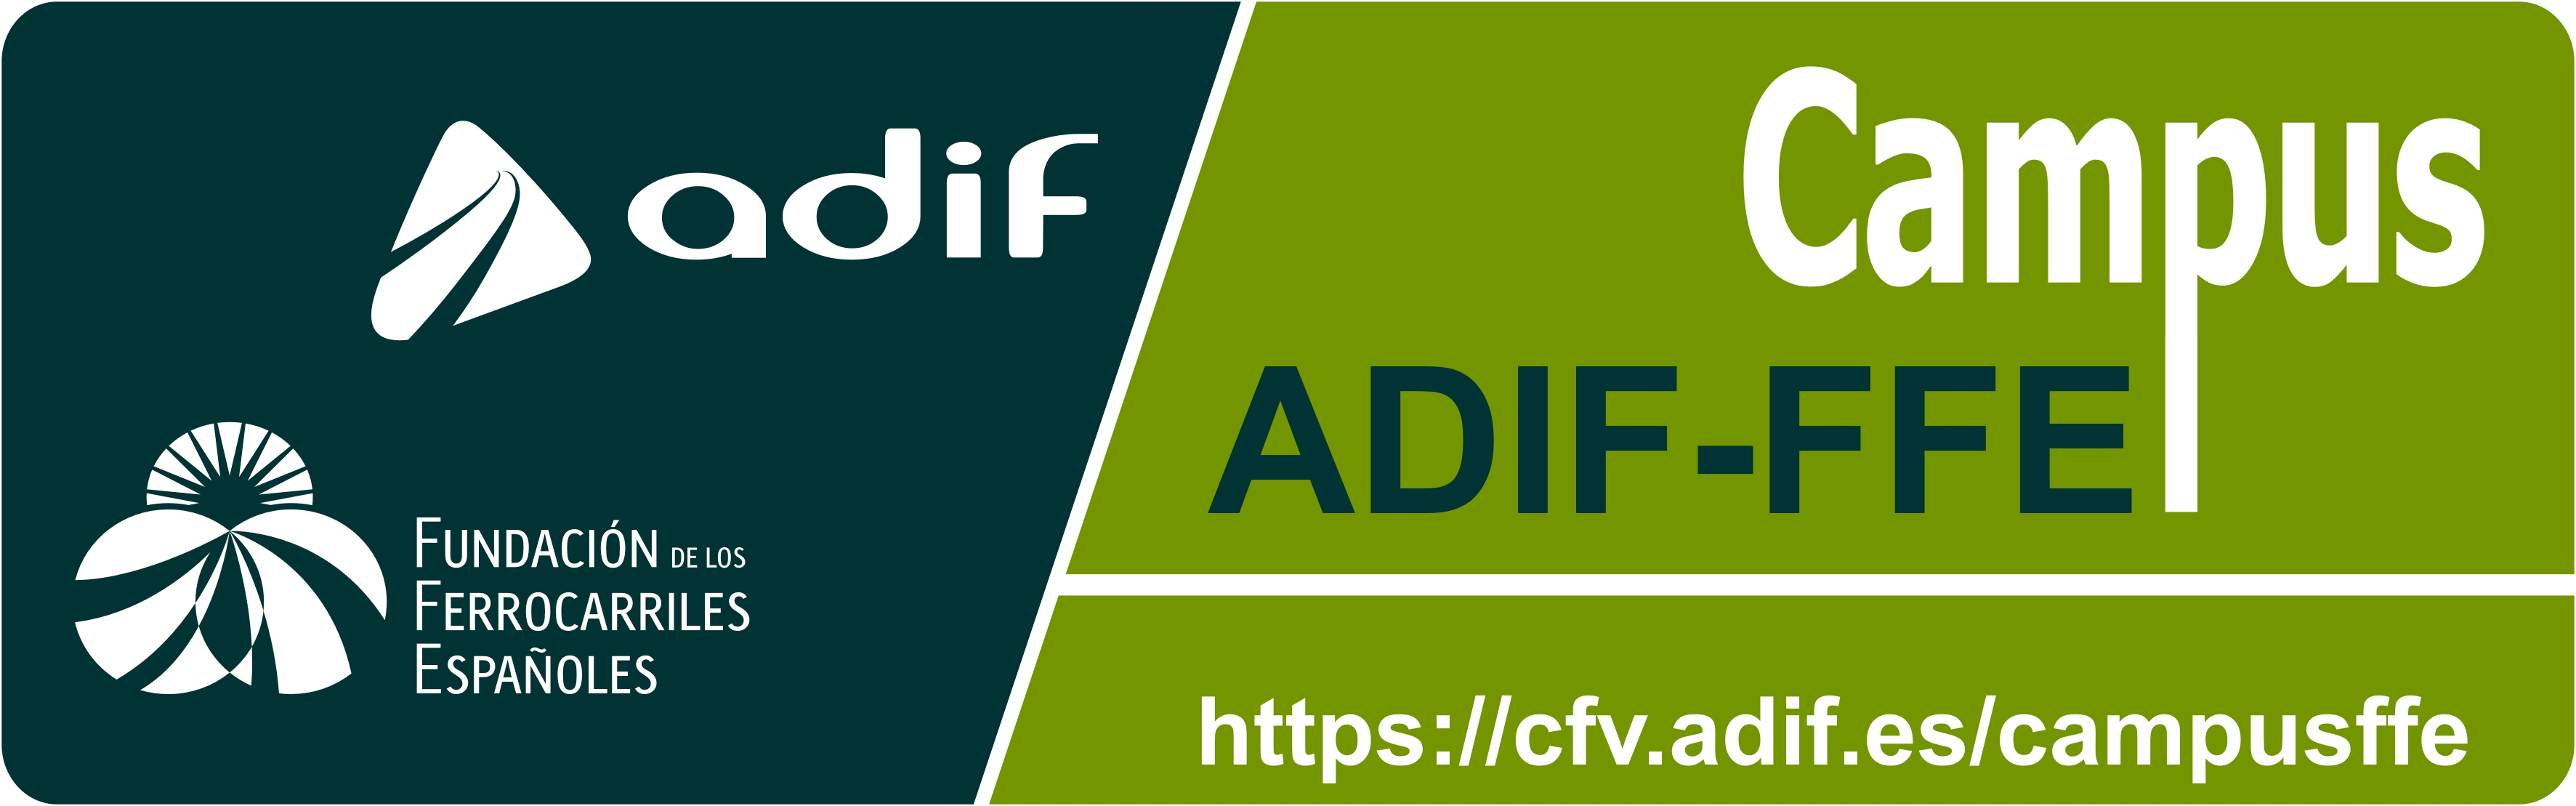 Campus ADIF-FFE: Aulas ADIF (convocatorias cuatrimestrales)